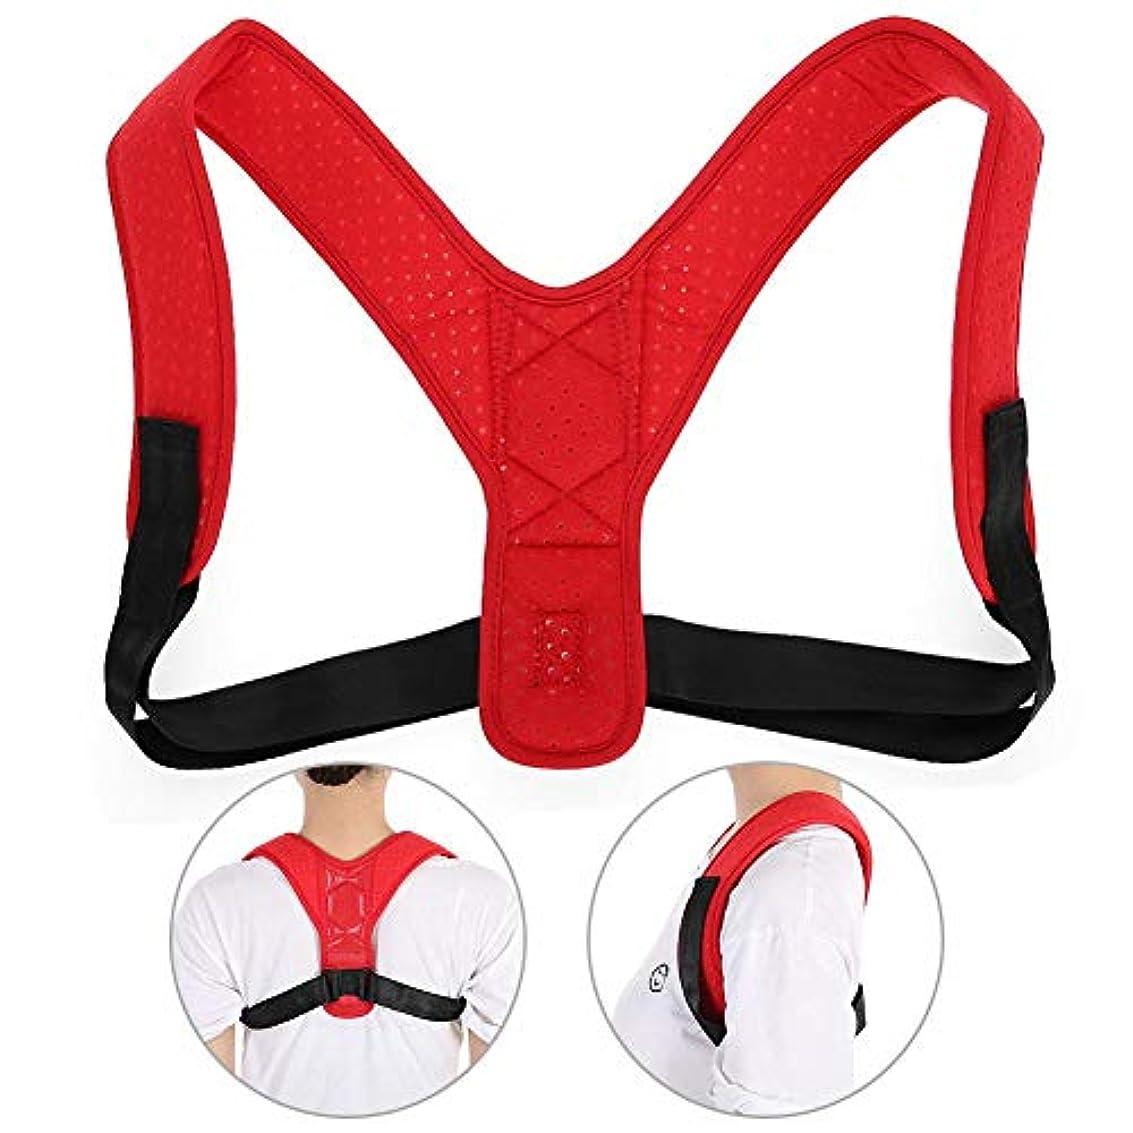 ハングバック 調節可能なストラップ付き男性と女性の肩のサポートベルトのための背中の姿勢補正(2)